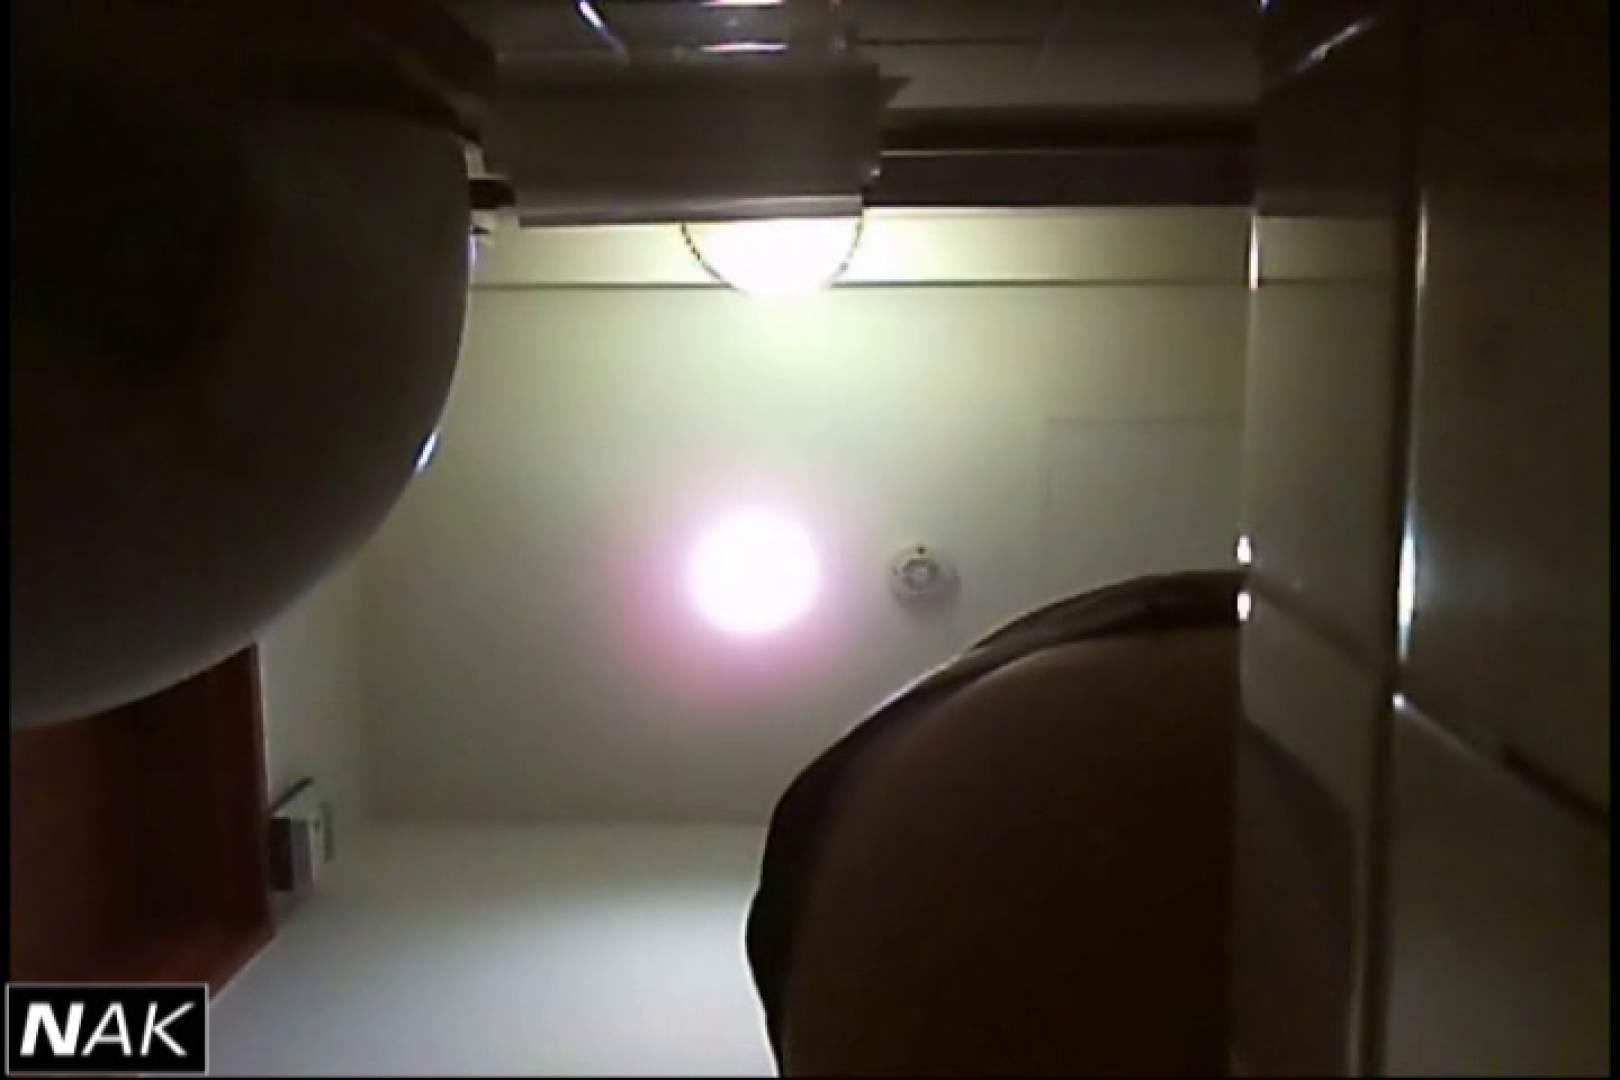 亀さんかわや VIP和式2カメバージョン! vol.05 和式 盗撮おめこ無修正動画無料 110画像 89